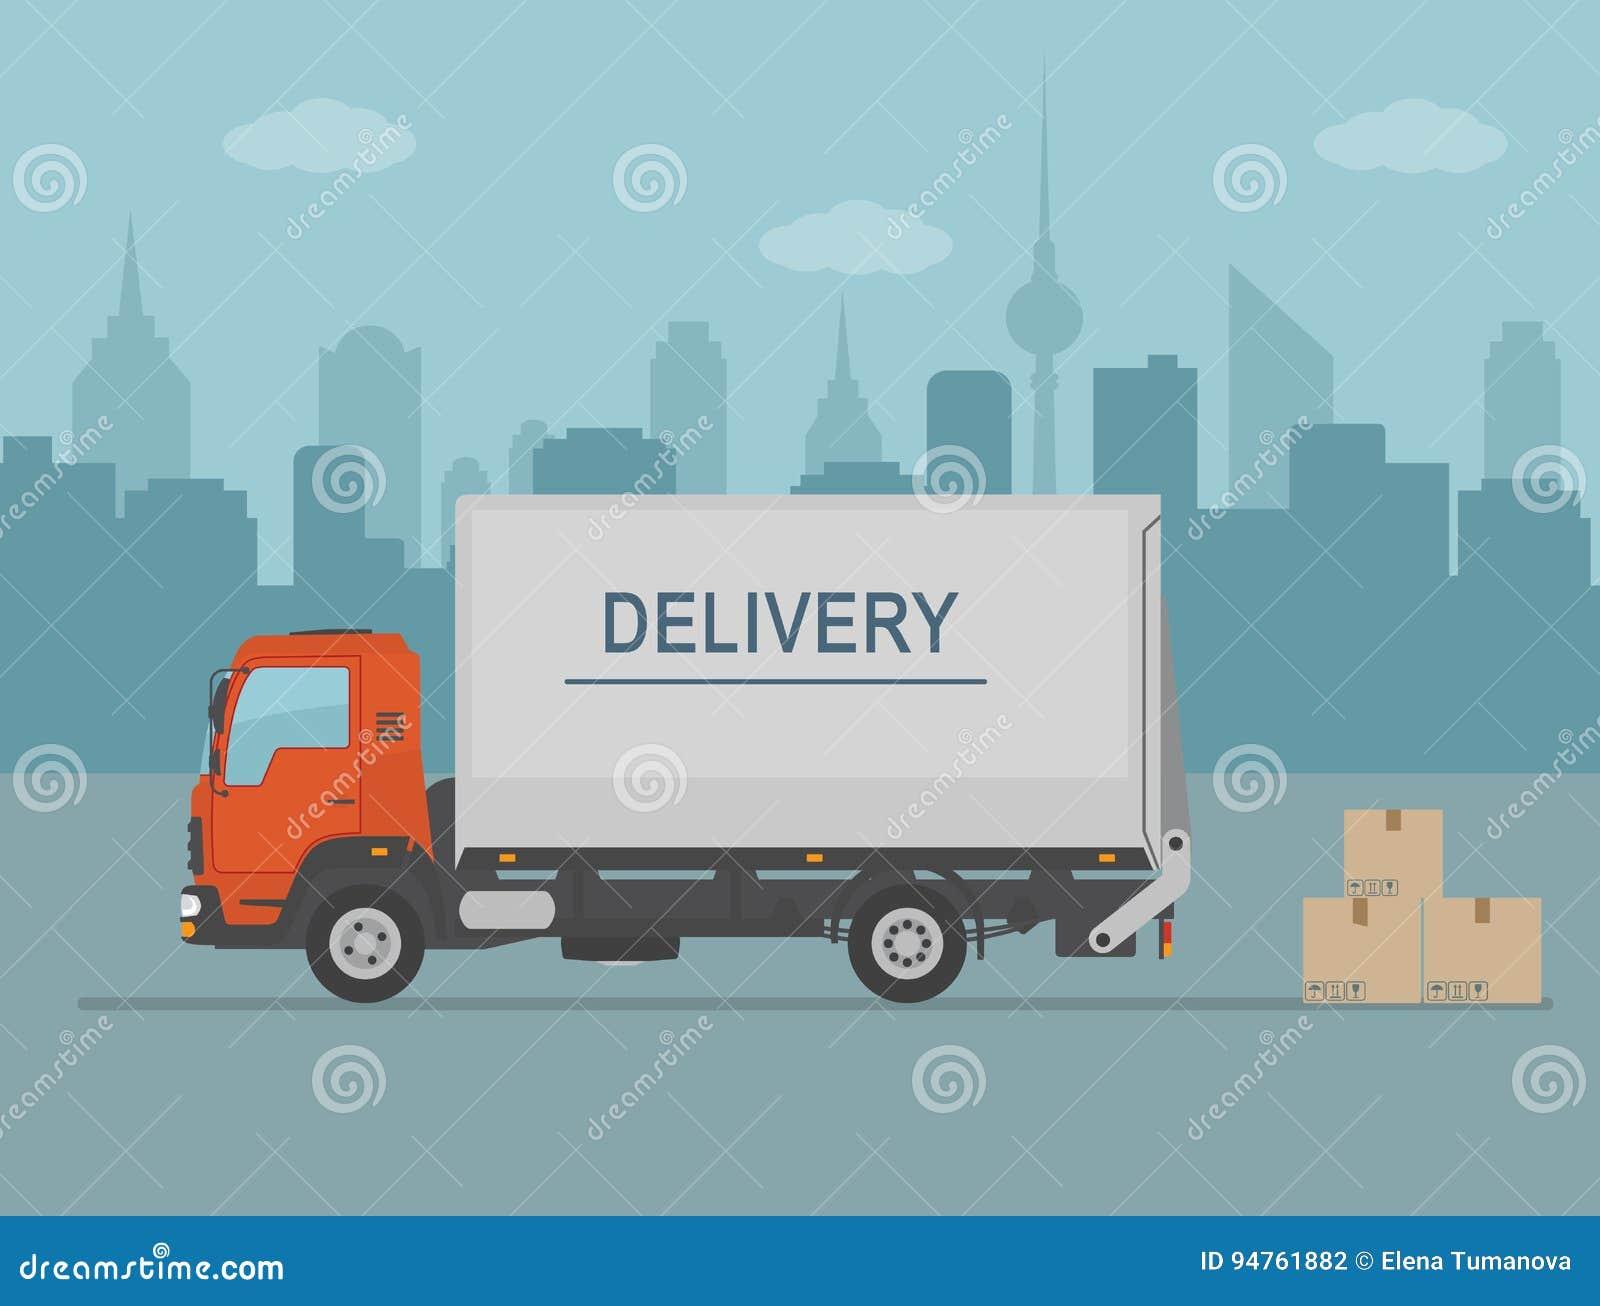 Oil Food Truck